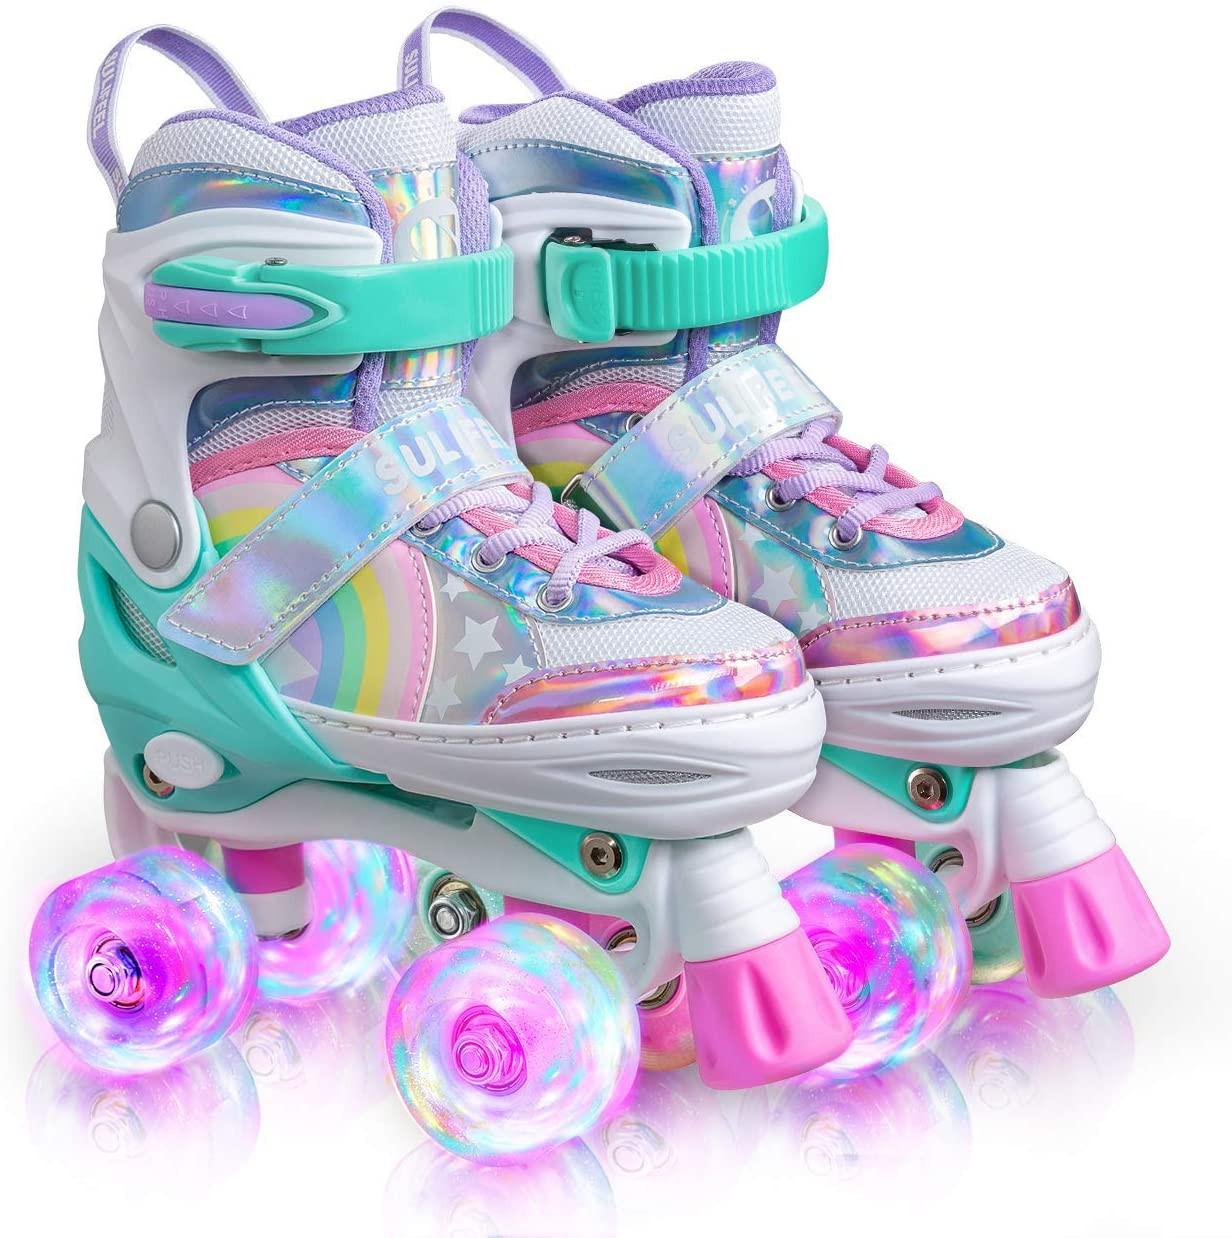 Sulifeel Rainbow Unicorn 4 Size Adjustable Light up Roller Skates